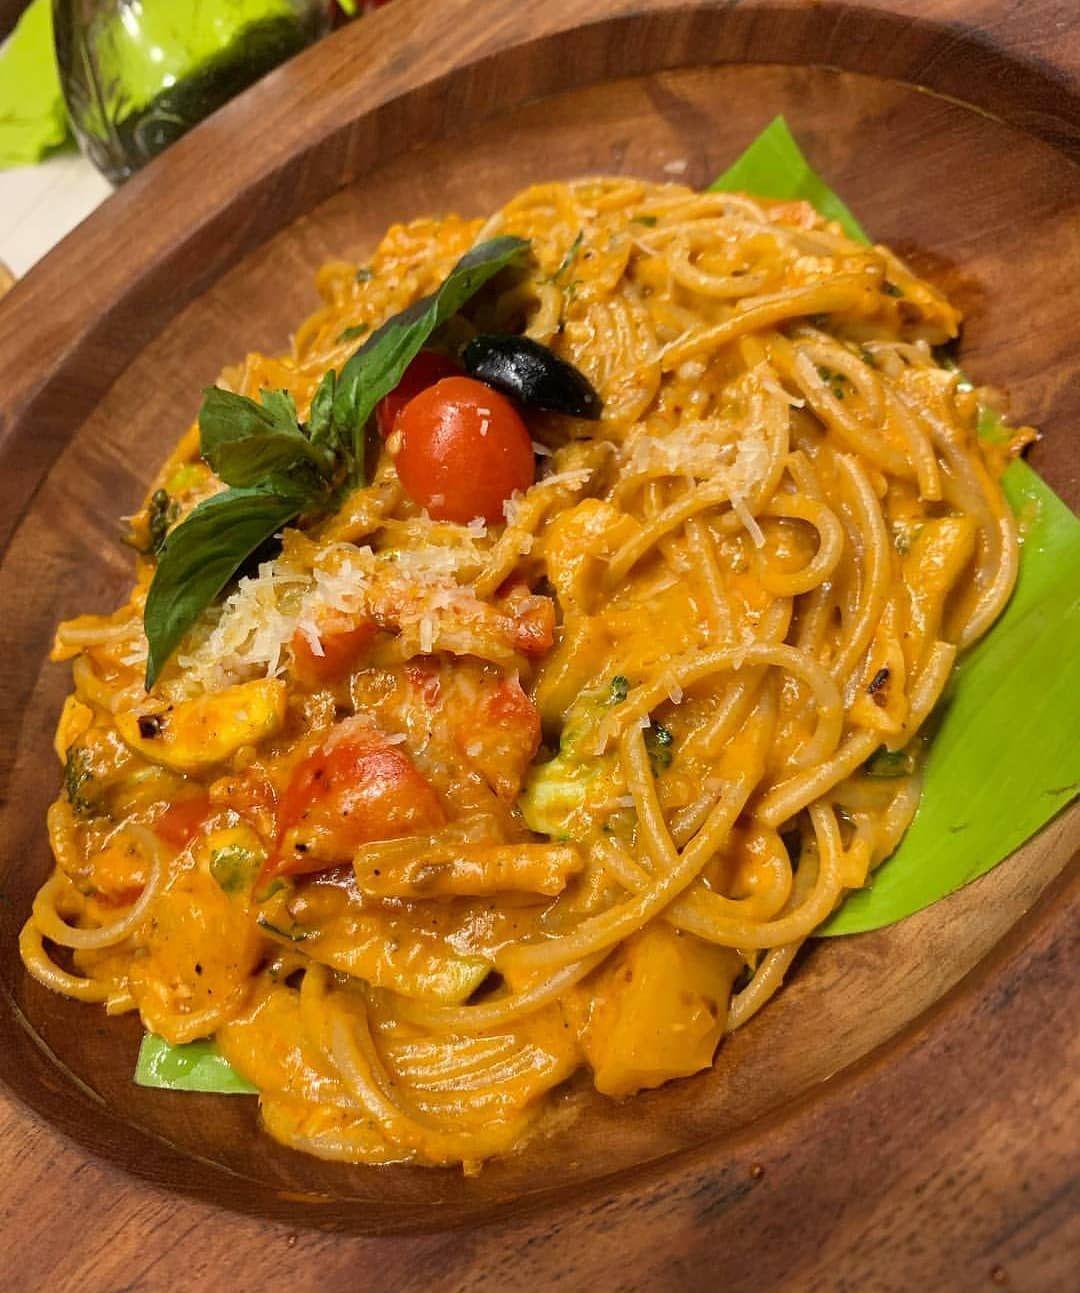 Whole wheat spaghetti primavera... Follow...@fooddazzlerofficial ... Follow  Follow...@fooddazzlerofficial ... Follow  Tag Whole wheat spaghetti primavera lover 😍